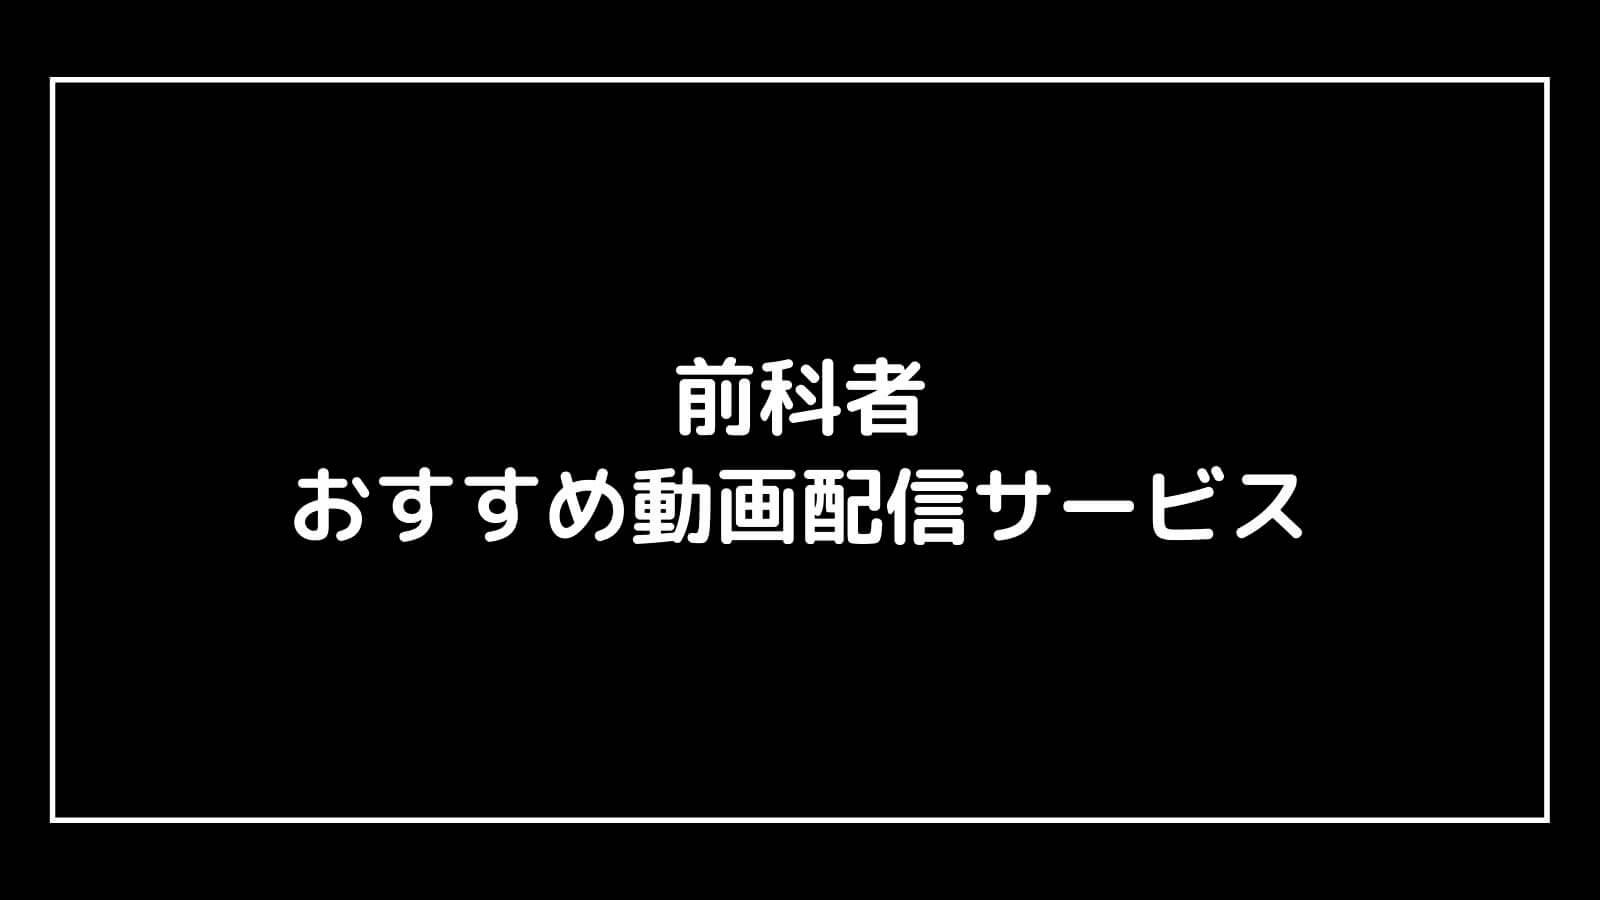 WOWOWドラマ『前科者』の動画配信を無料視聴できるサブスクまとめ